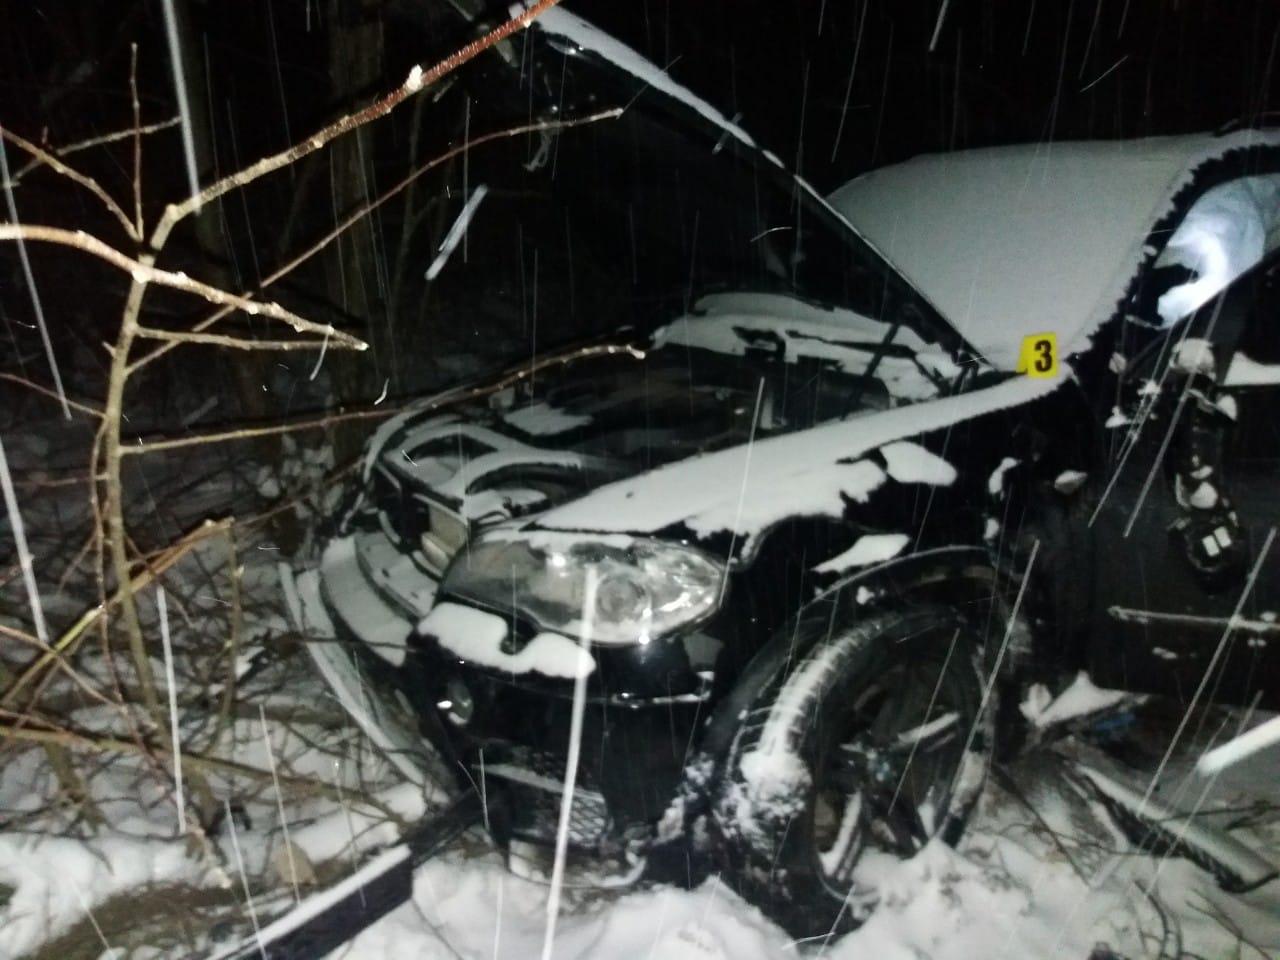 Рідні загиблого прикарпатця впевнені, що у смертельній ДТП він був пасажиром, а не водієм